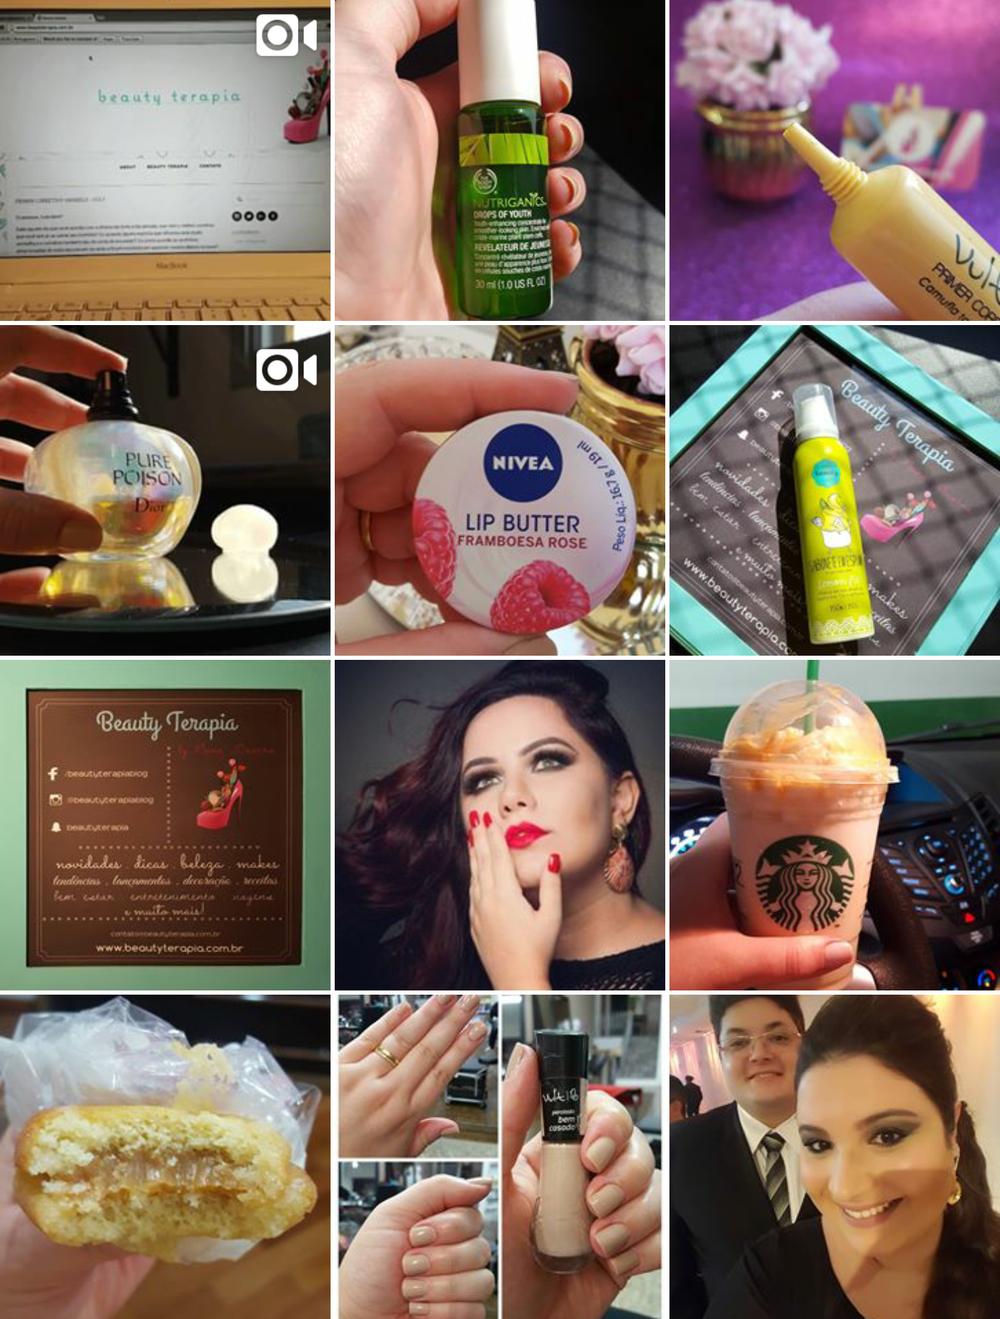 Algumas imagens do feed do nosso Instagram.